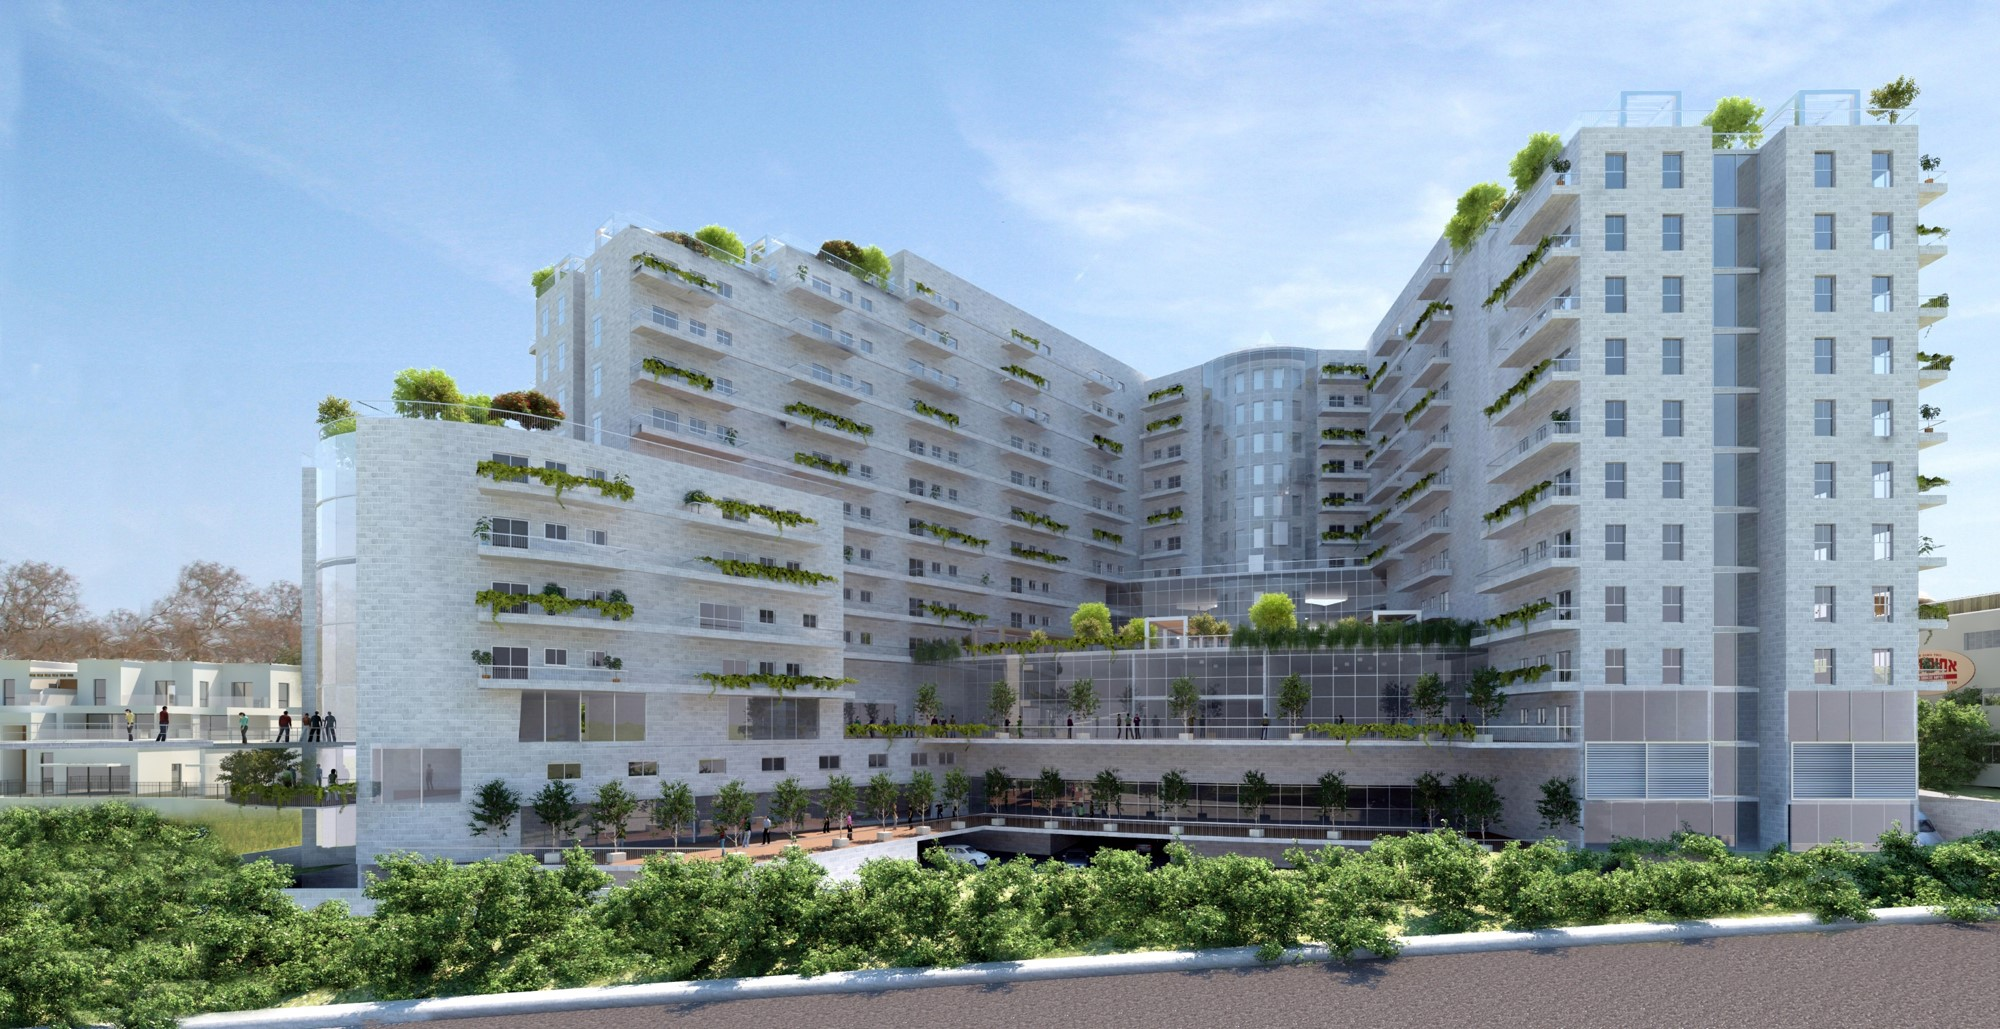 גבריאלה אדריכלים | תכנון | מועצה מקומית אלקנה | דיור מוגן